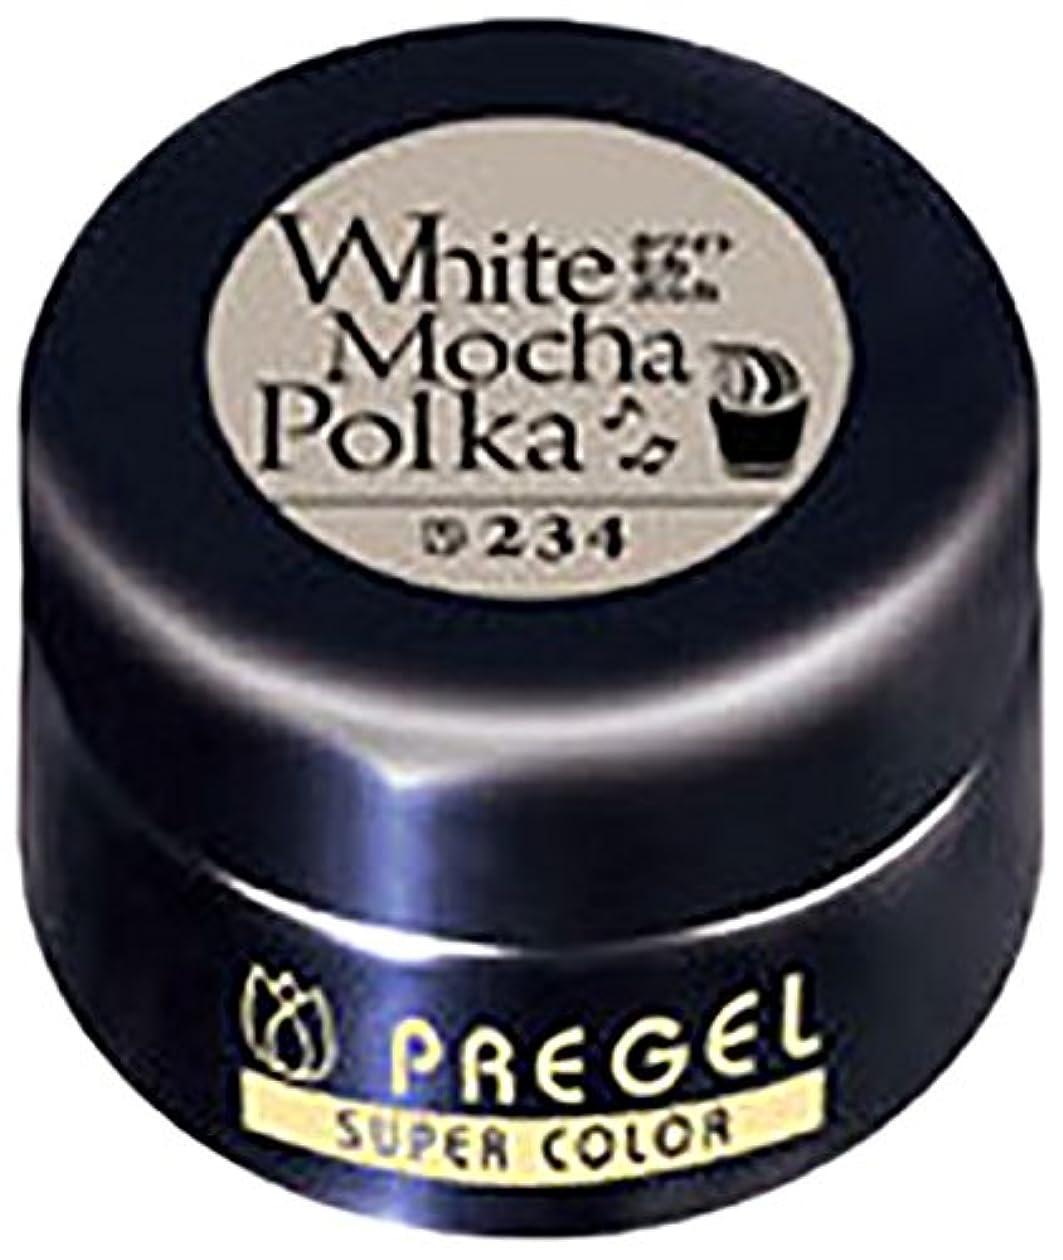 理解コロニアル安らぎプリジェル スーパーカラーEX ホワイトモカポルカ 4g PG-SE234 カラージェル UV/LED対応